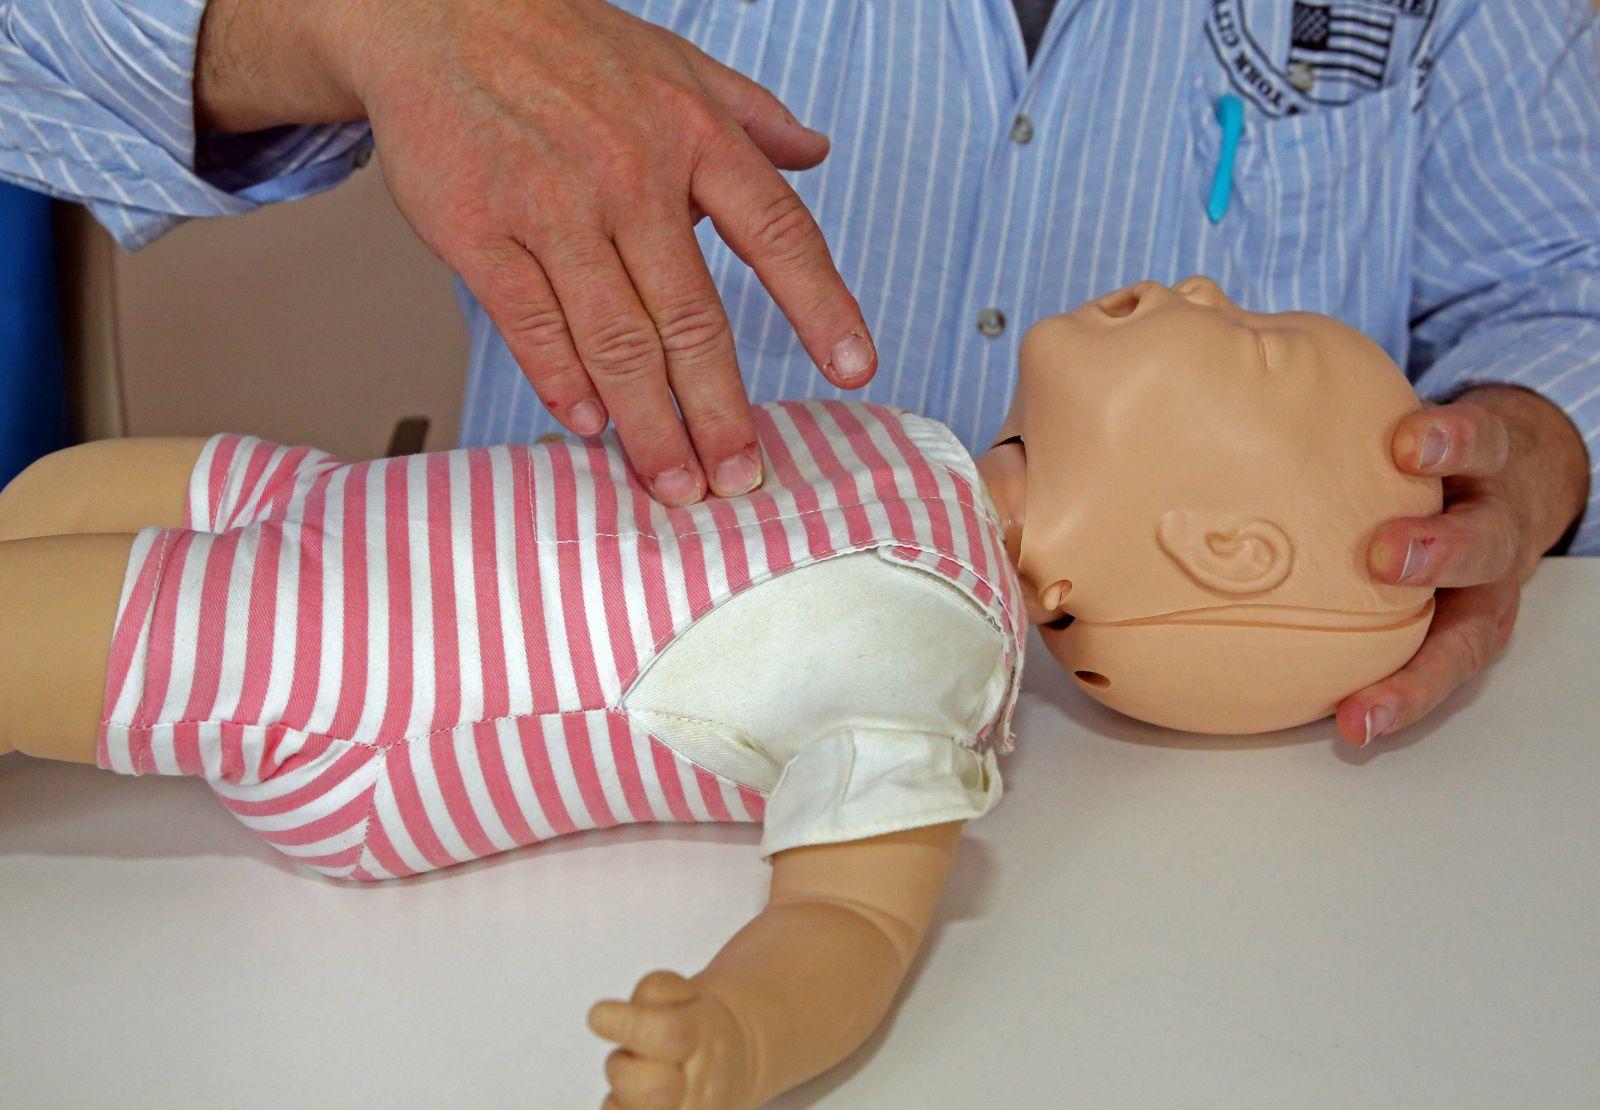 Erste Hilfe am Kind 03